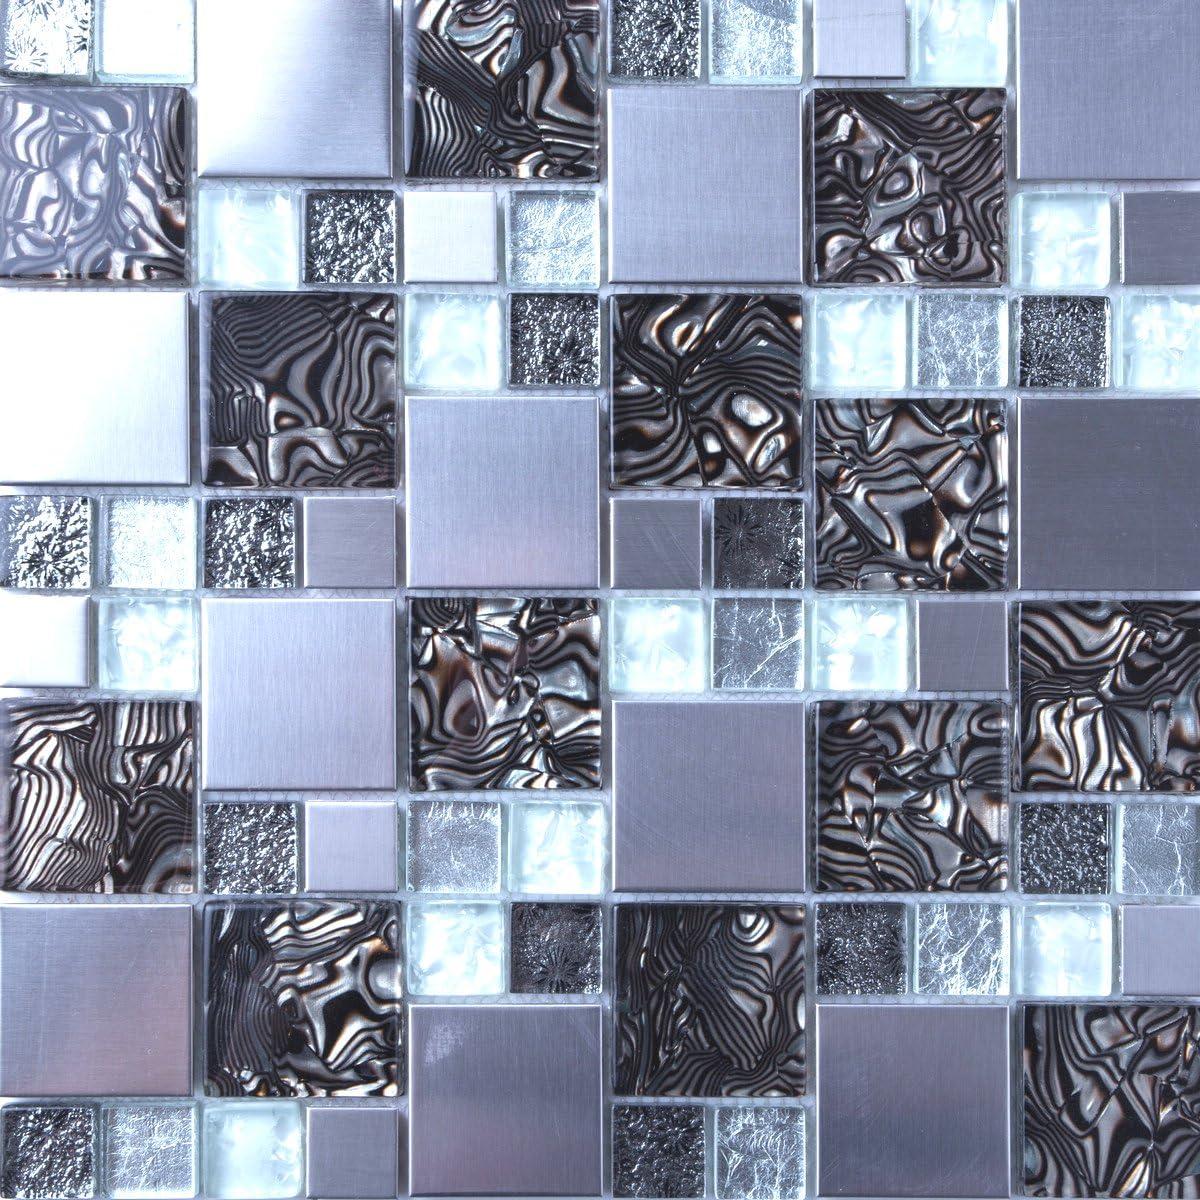 MT0164 30cm x 30cm Matte Glas und Geb/ürstet Edelstahl Mosaik Wand Fliesen Blatt Silber und Schwarz